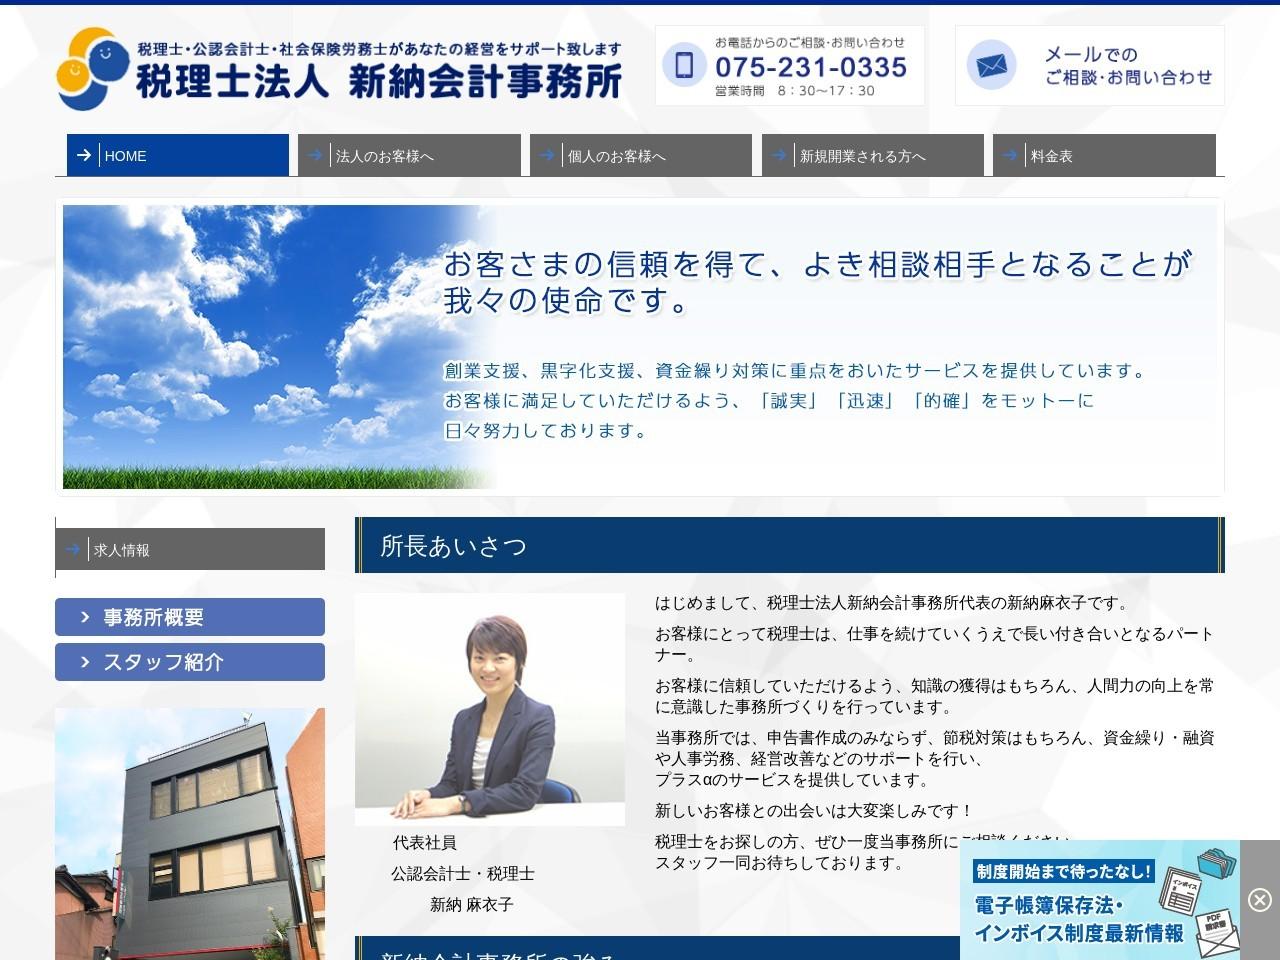 新納会計事務所(税理士法人)